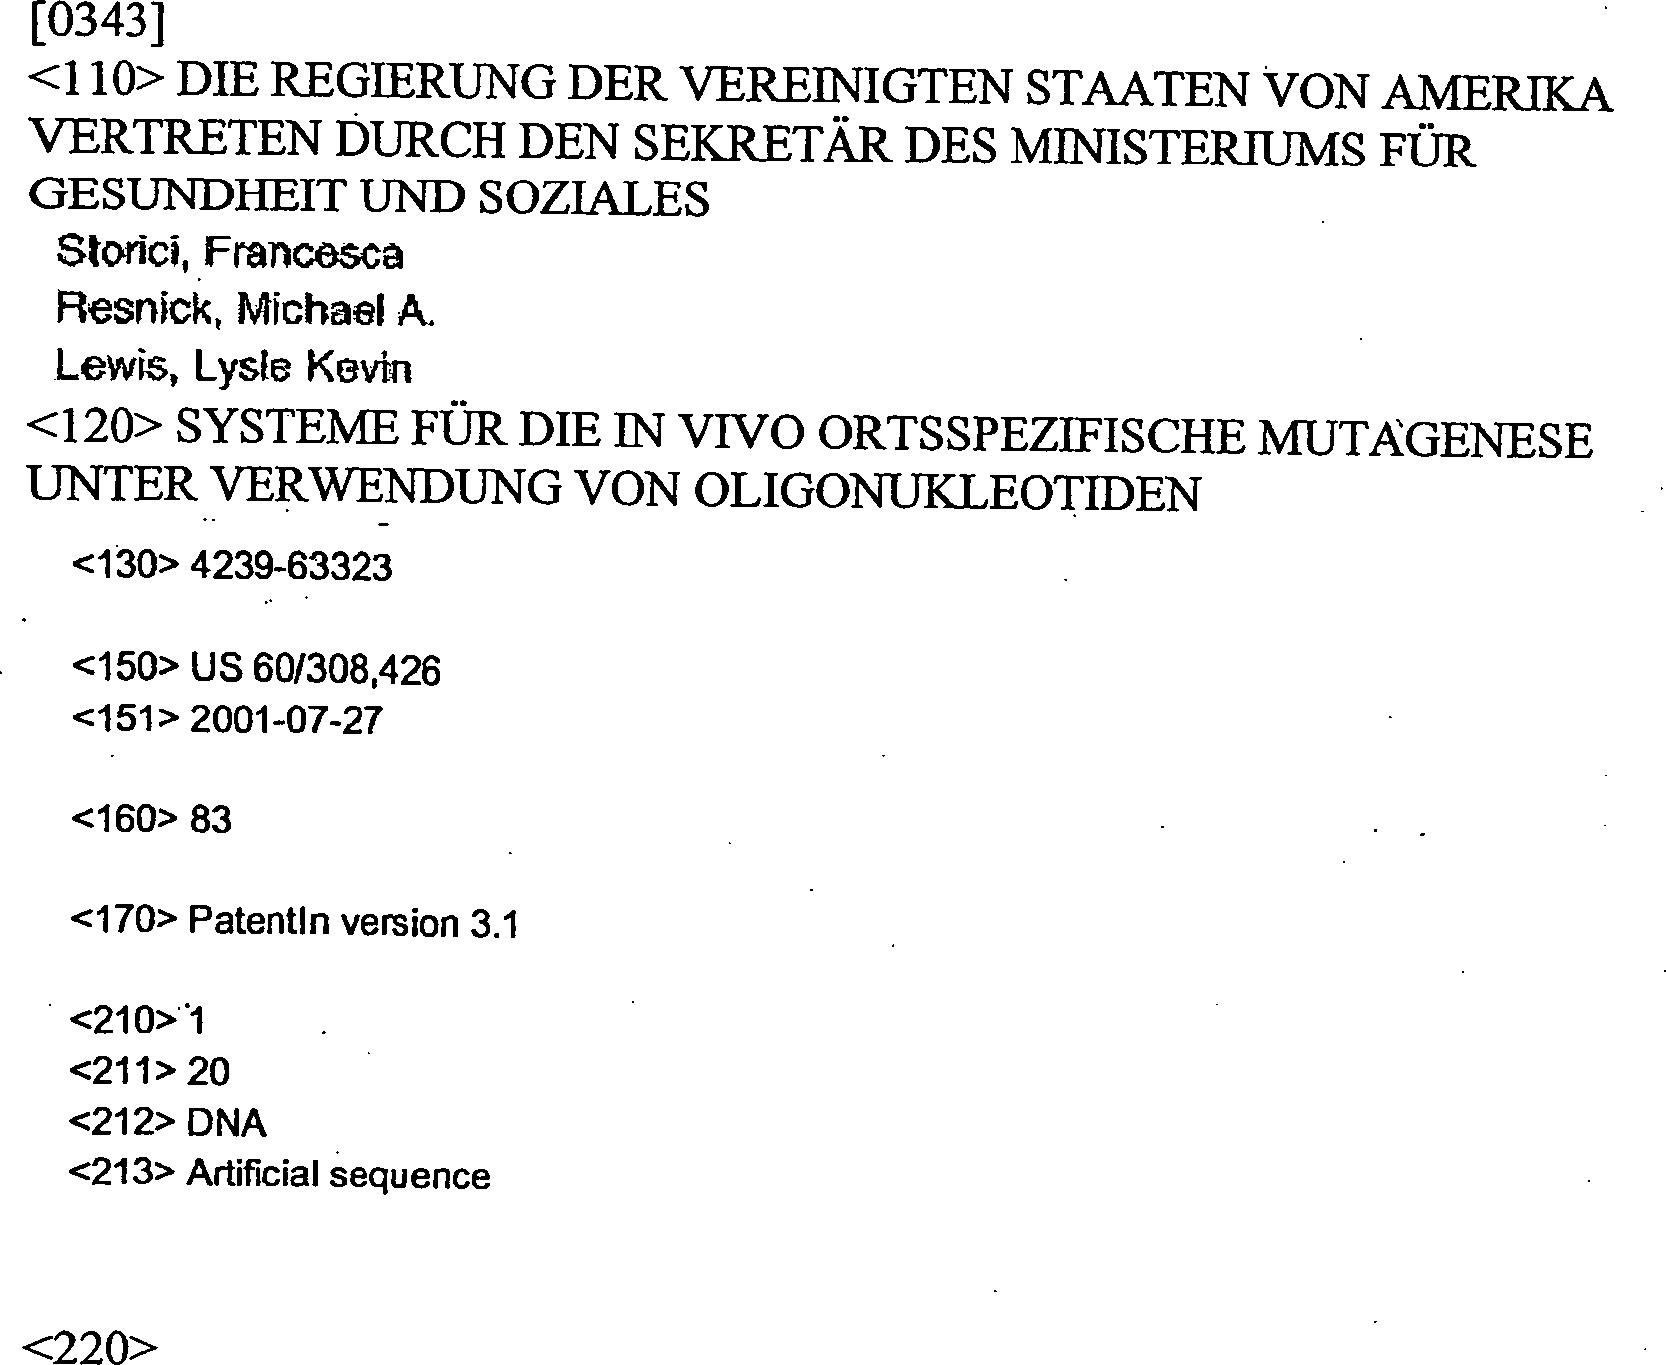 Schön Rahmenkonstruktionen Für Photoshop Galerie ...